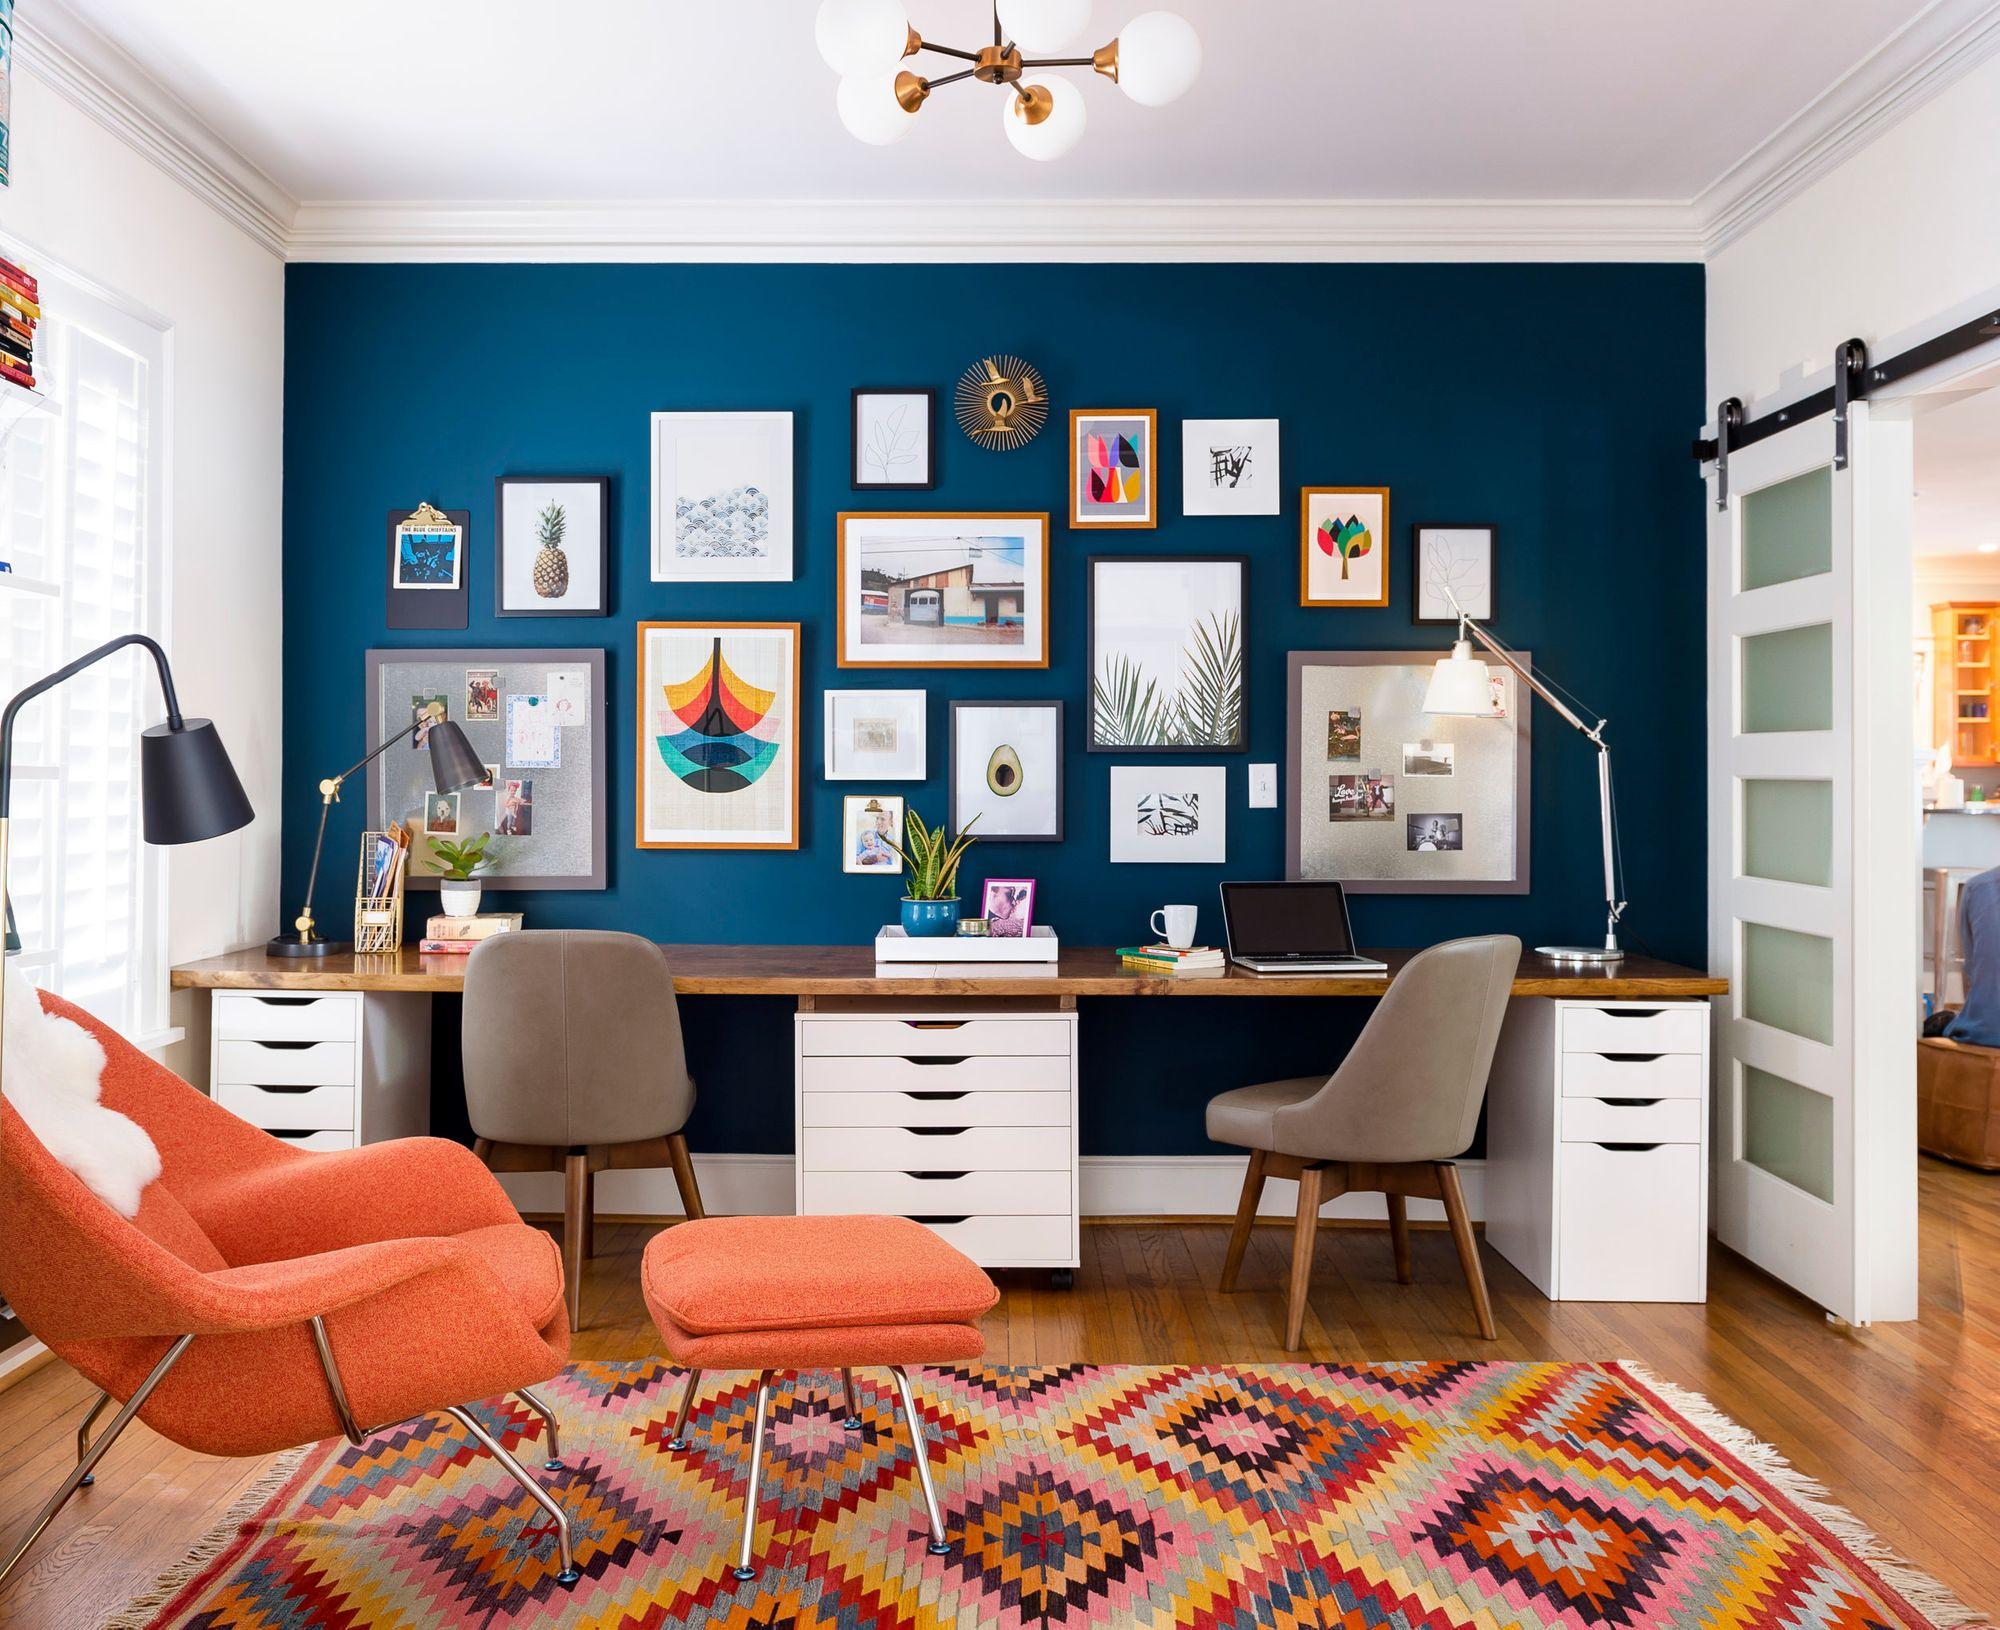 Work/school home office